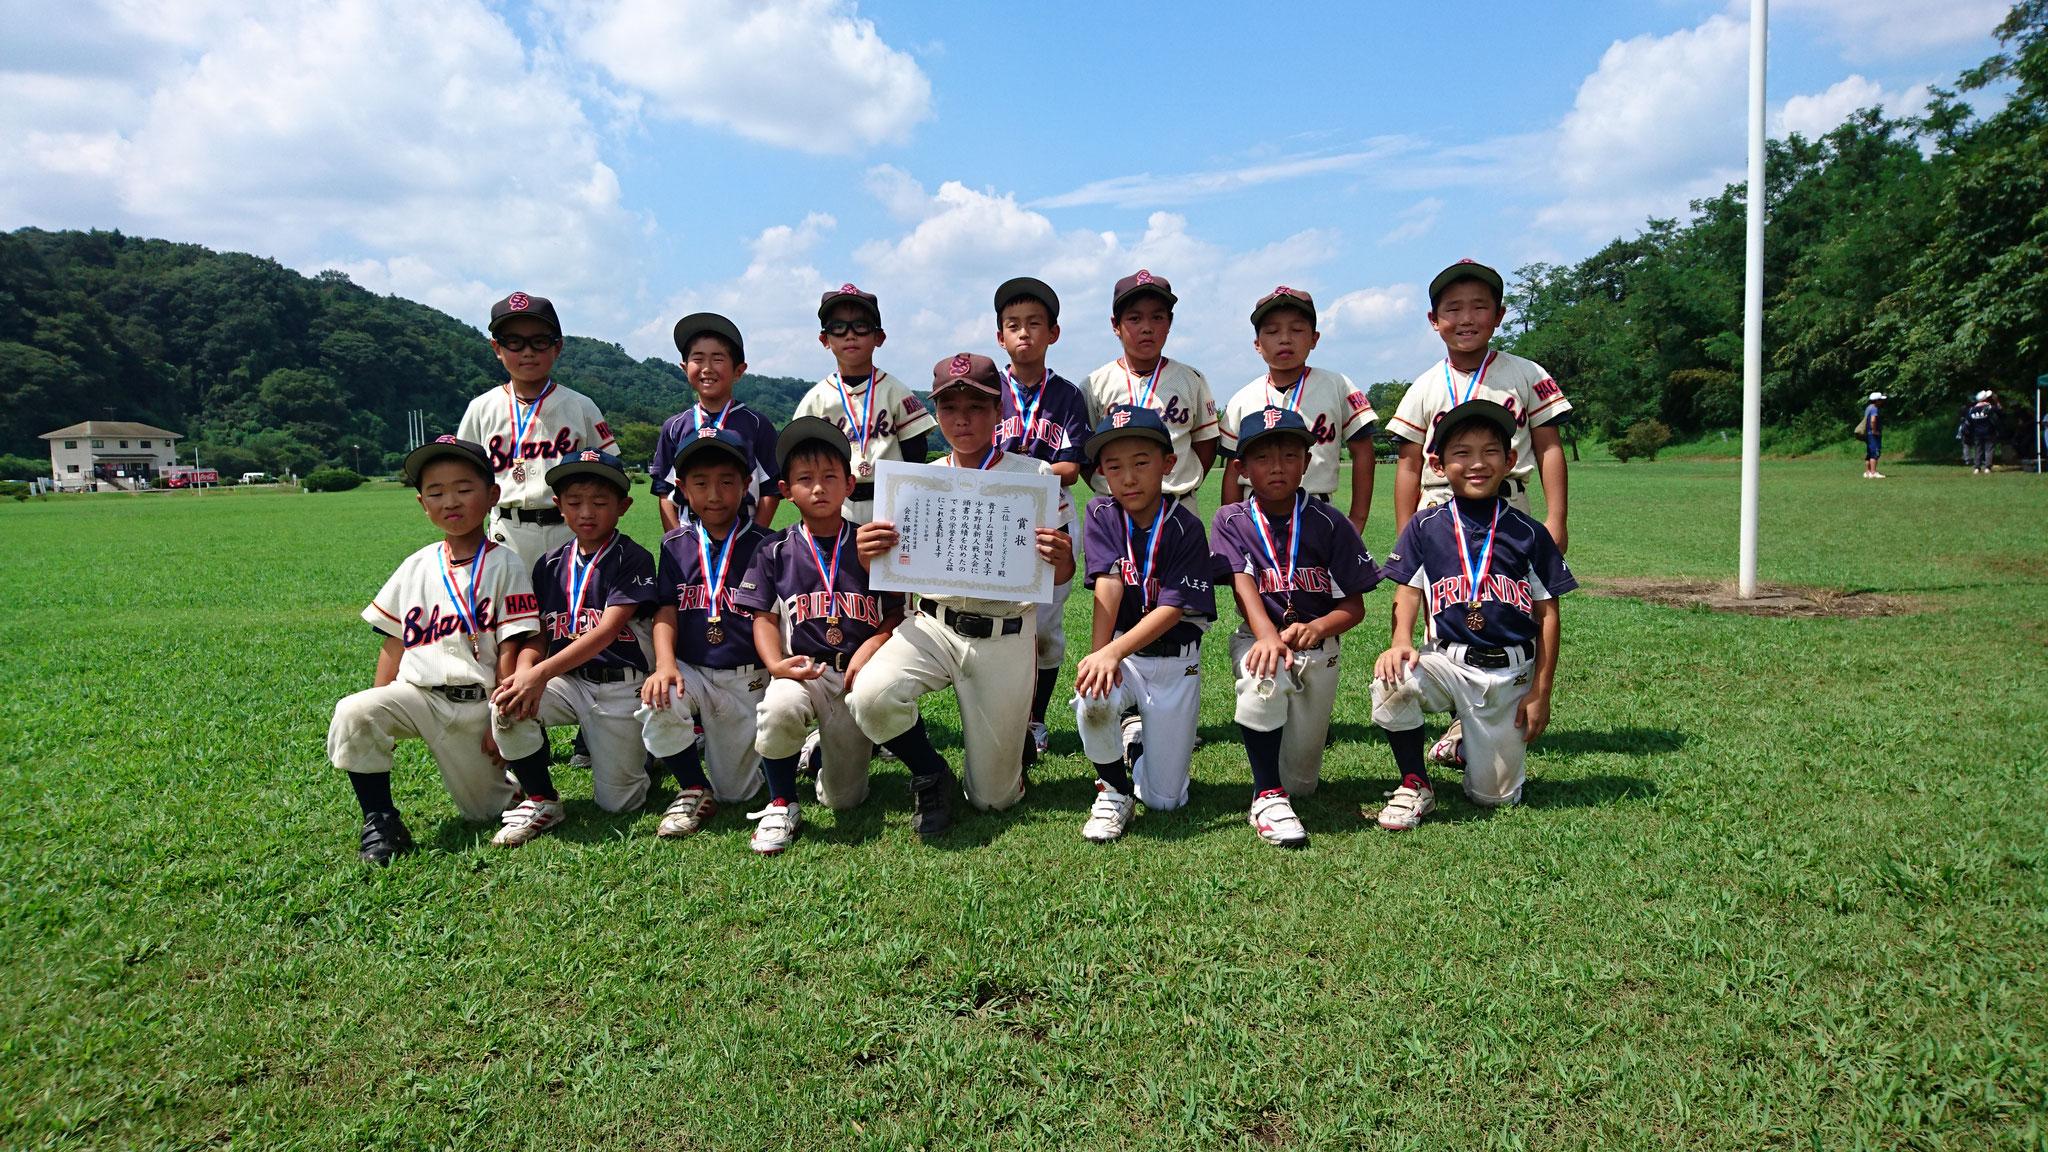 第34回 八王子少年軟式野球 新人戦大会 第三位 小宮・フレンズジュニア 令和元年8月24日